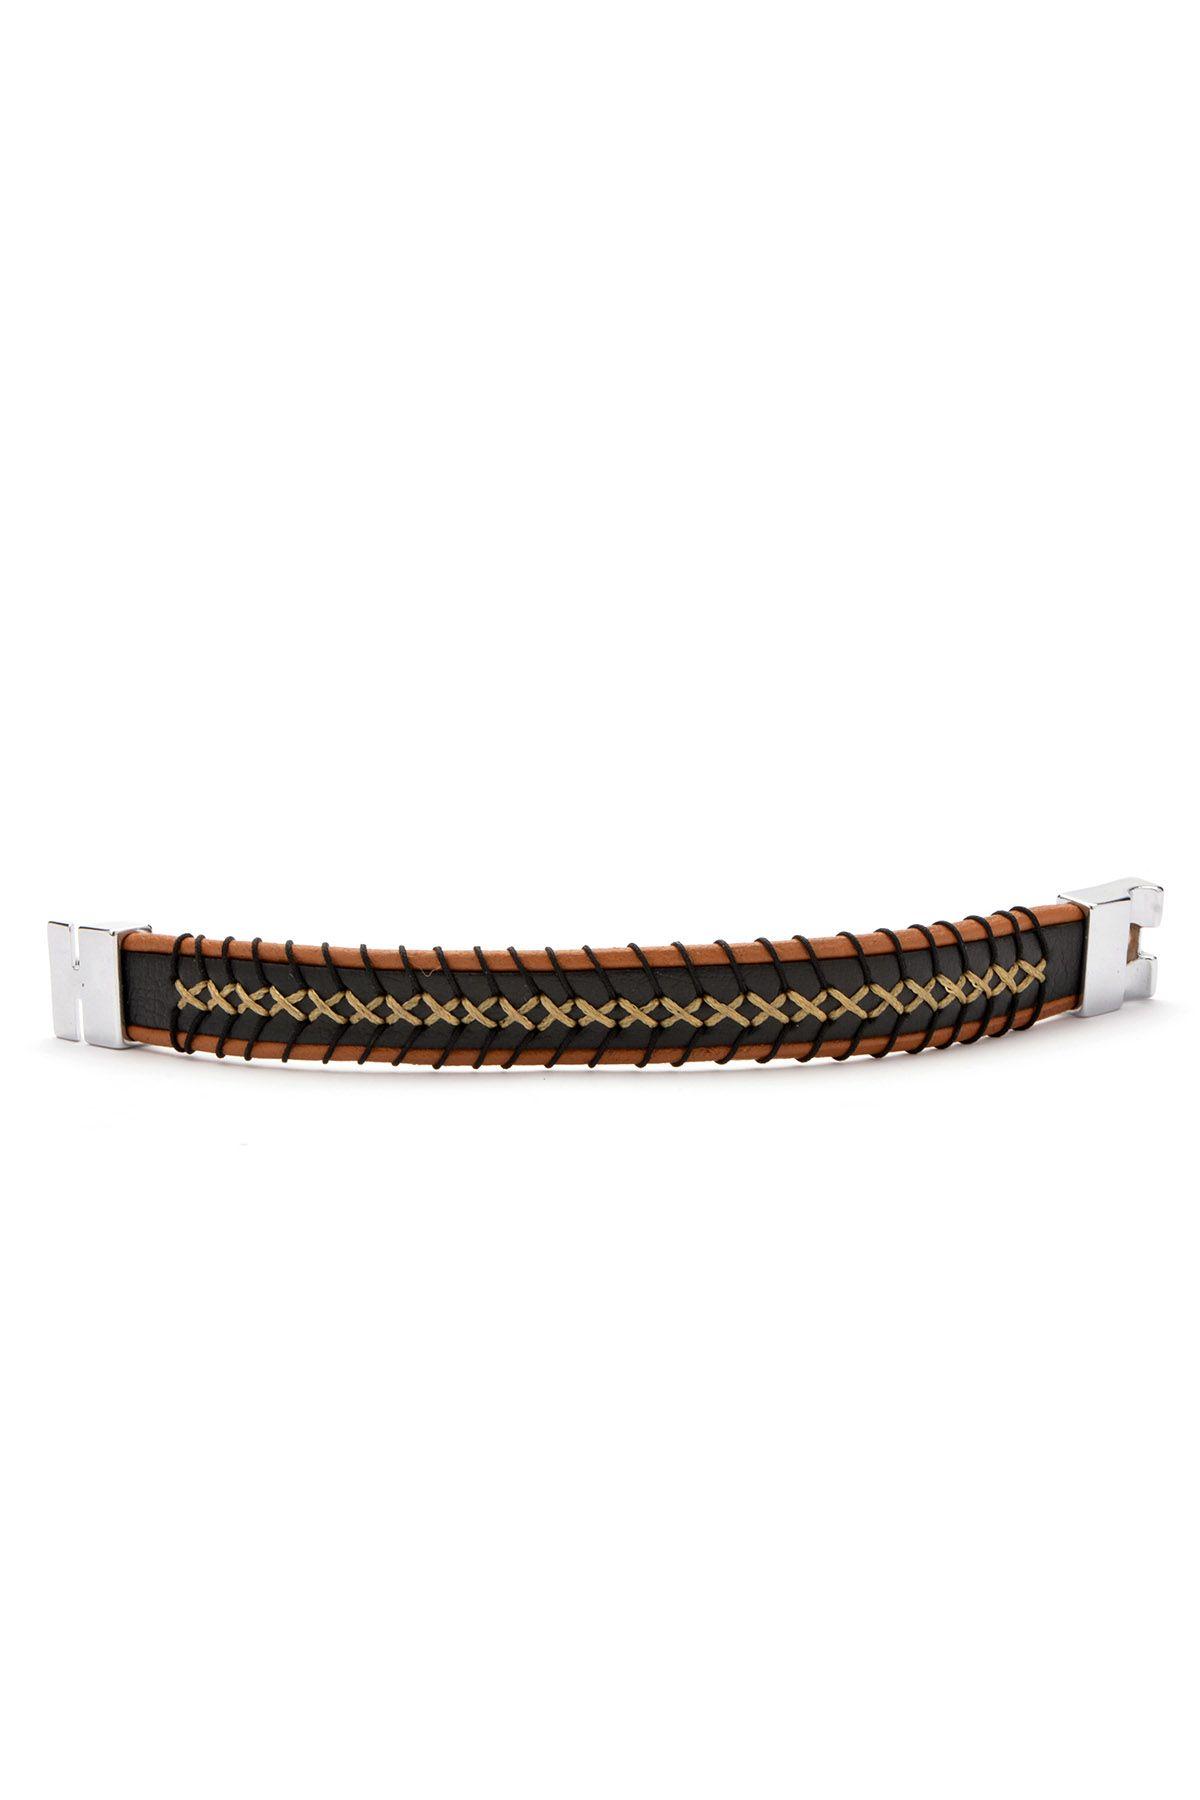 Erdogan Deri Unisex Leather Bangle 18BL01 Brown